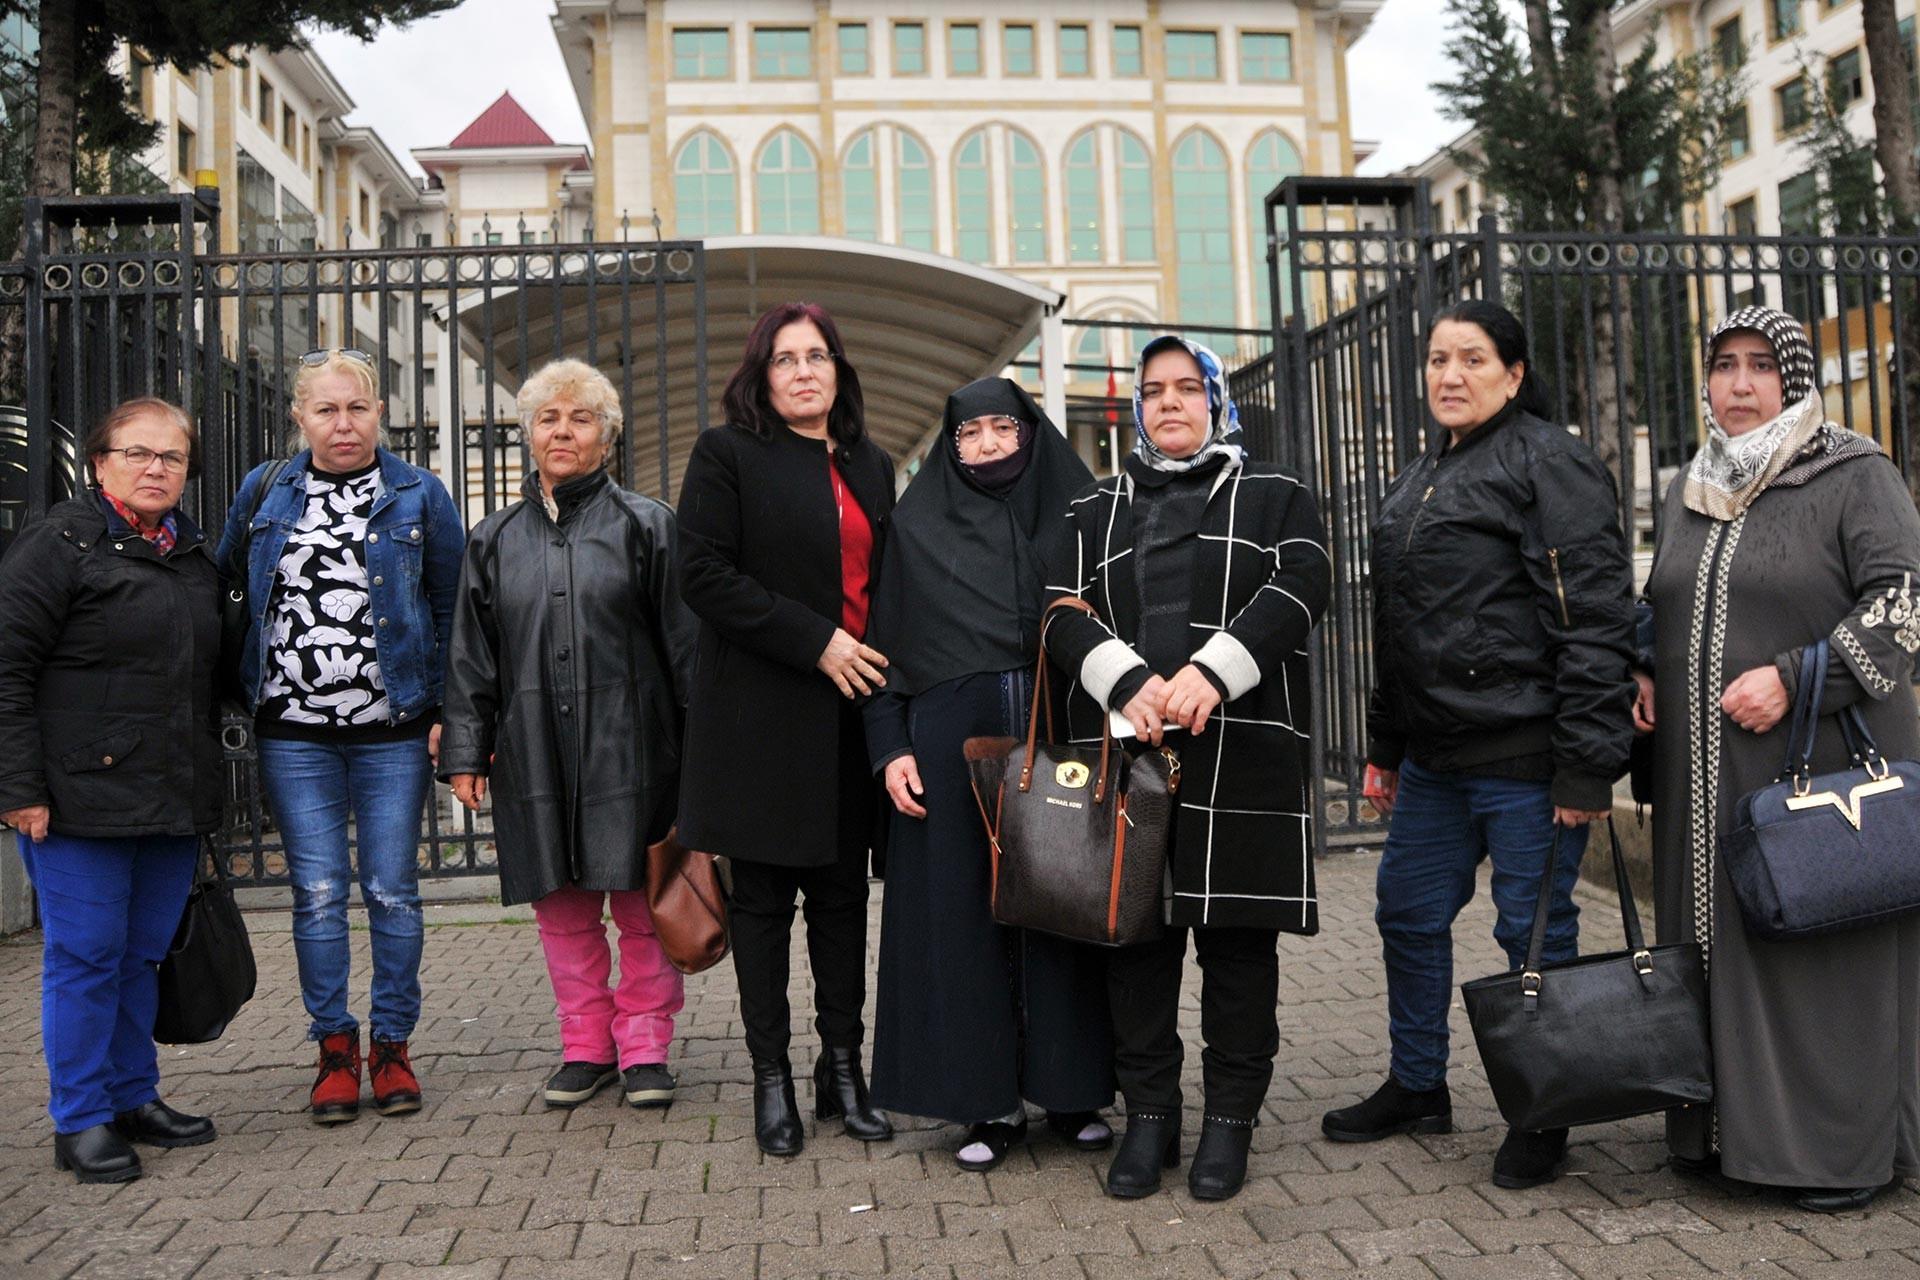 Ayşe Seyidoğlu'yu 21 yerinden bıçaklayan Nizamettin Seyidoğlu'nun yargılandığı davanın ardından Ayşe Seyidoğlu ve yakınları adliye önünde